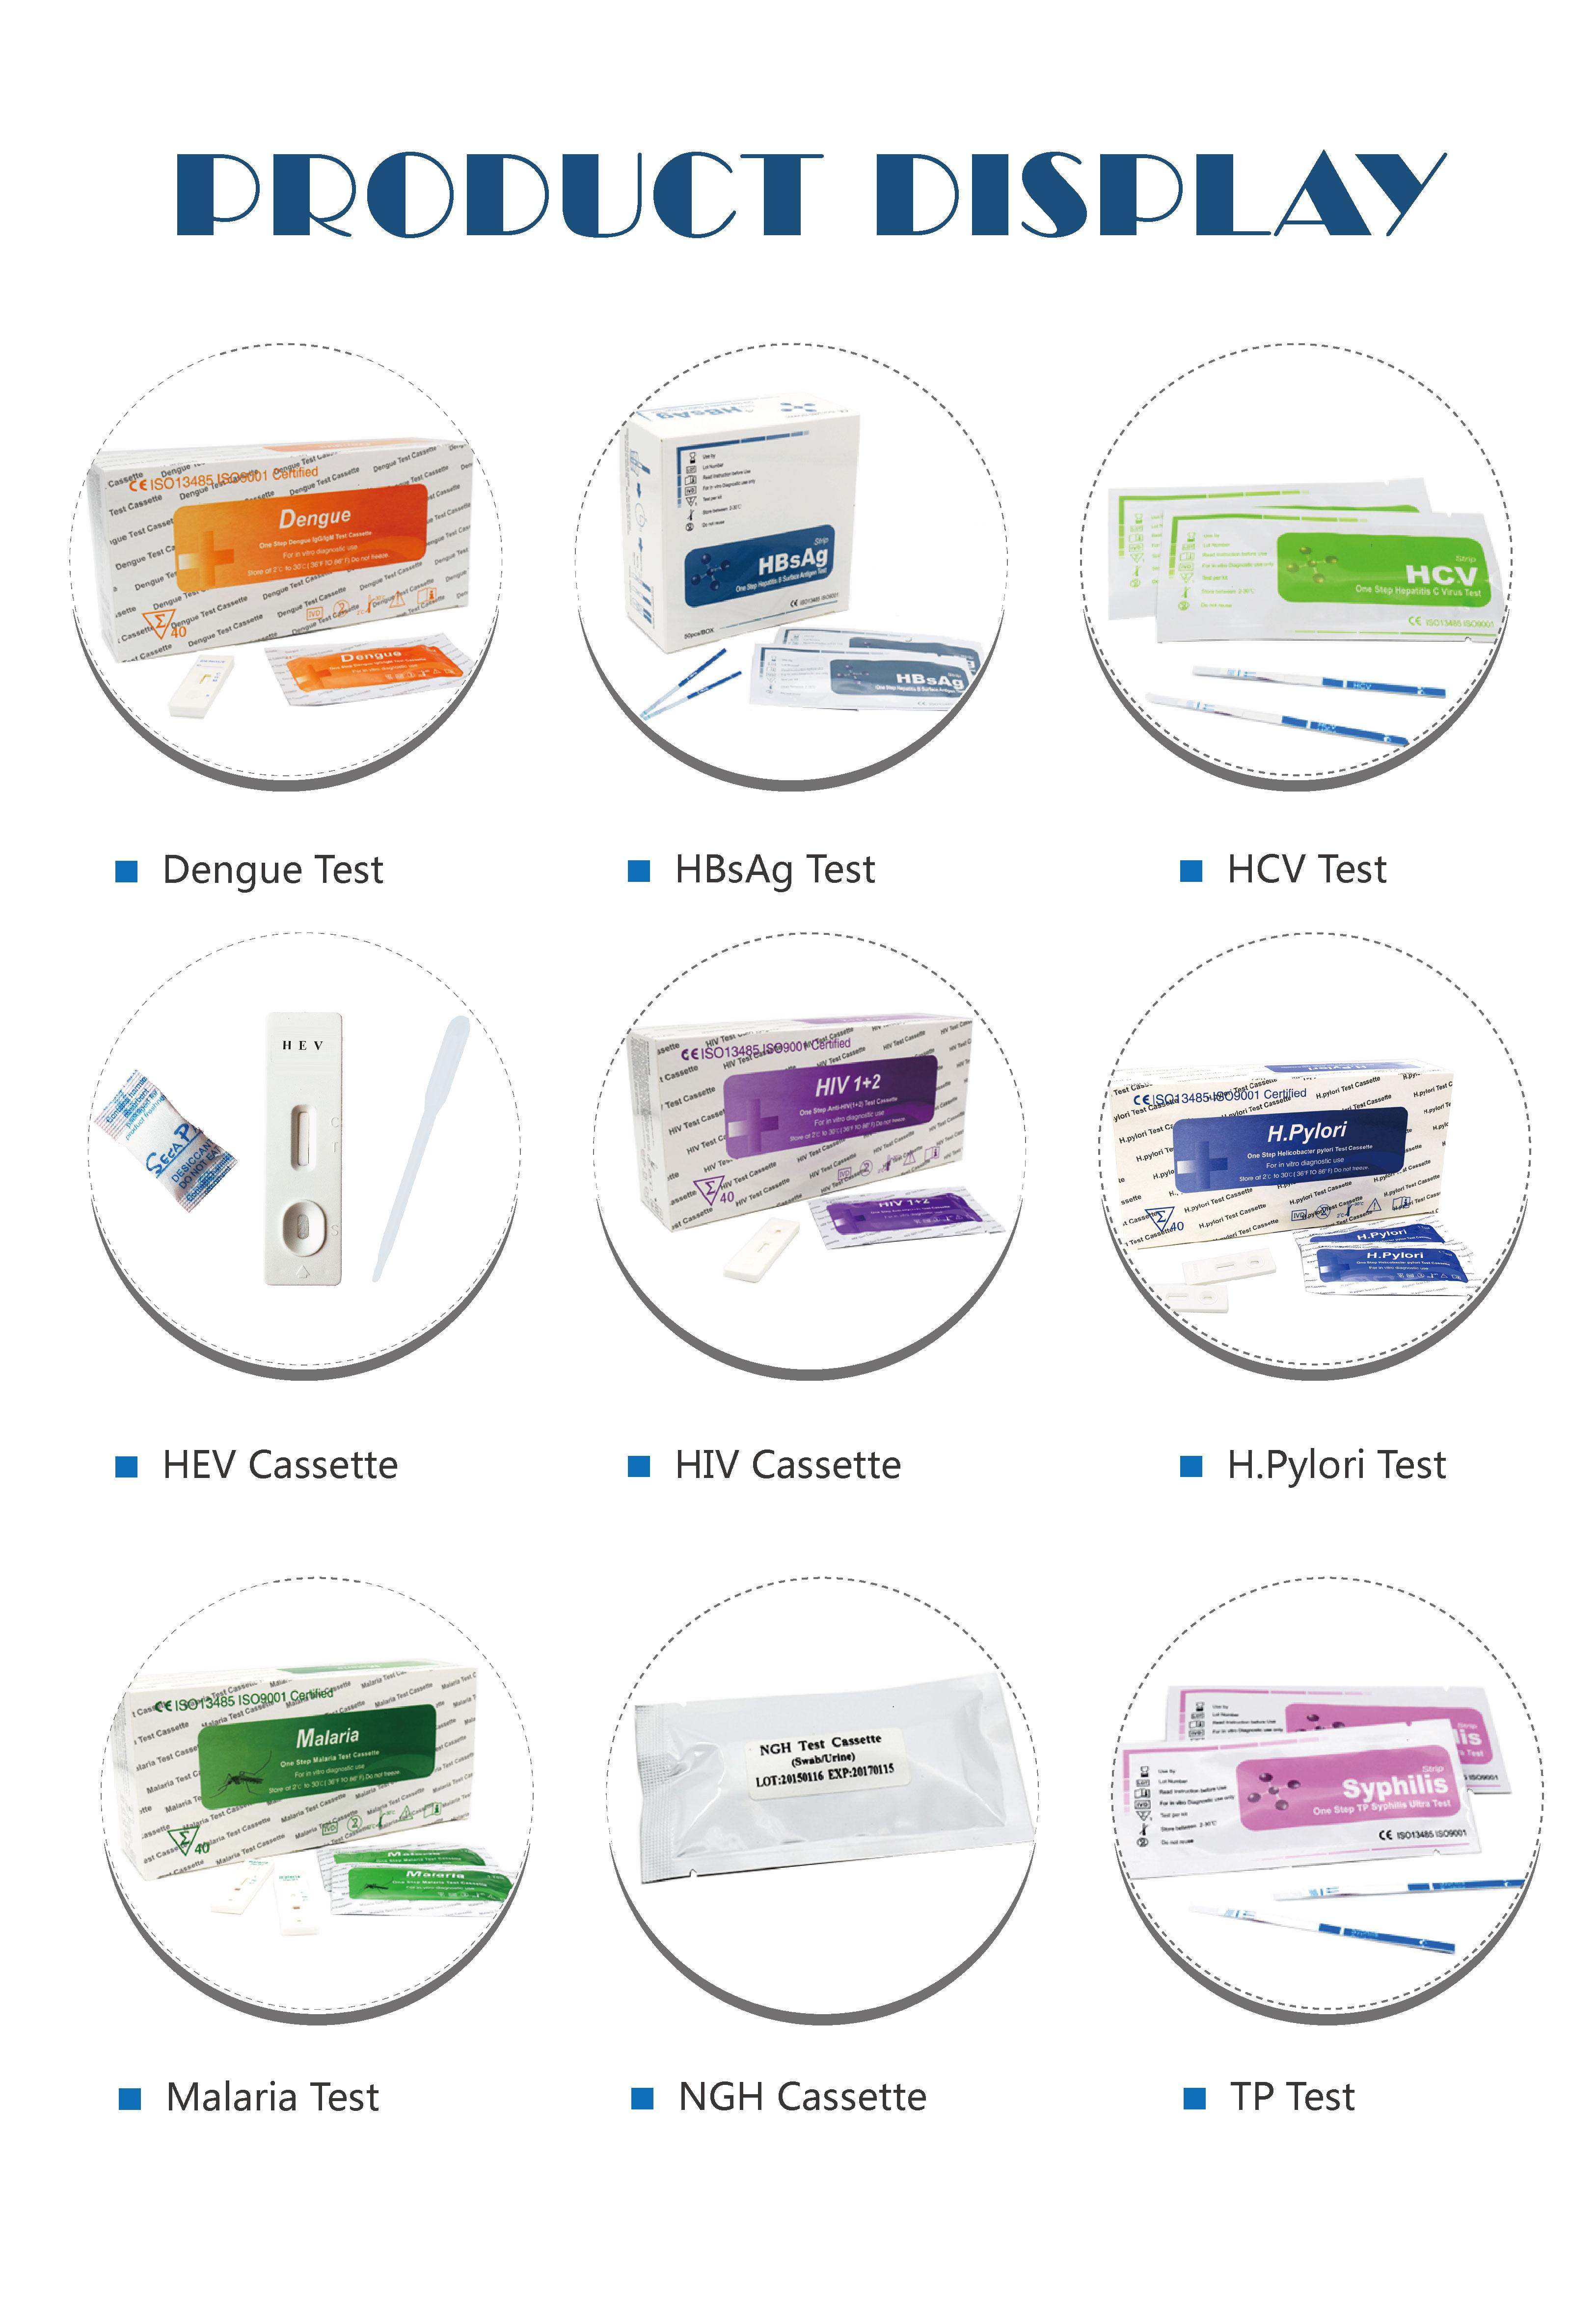 चीन निर्माता (HBsAg) एक कदम हेपेटाइटिस बी सतह प्रतिजन परीक्षण/घर उपयोग के लिए